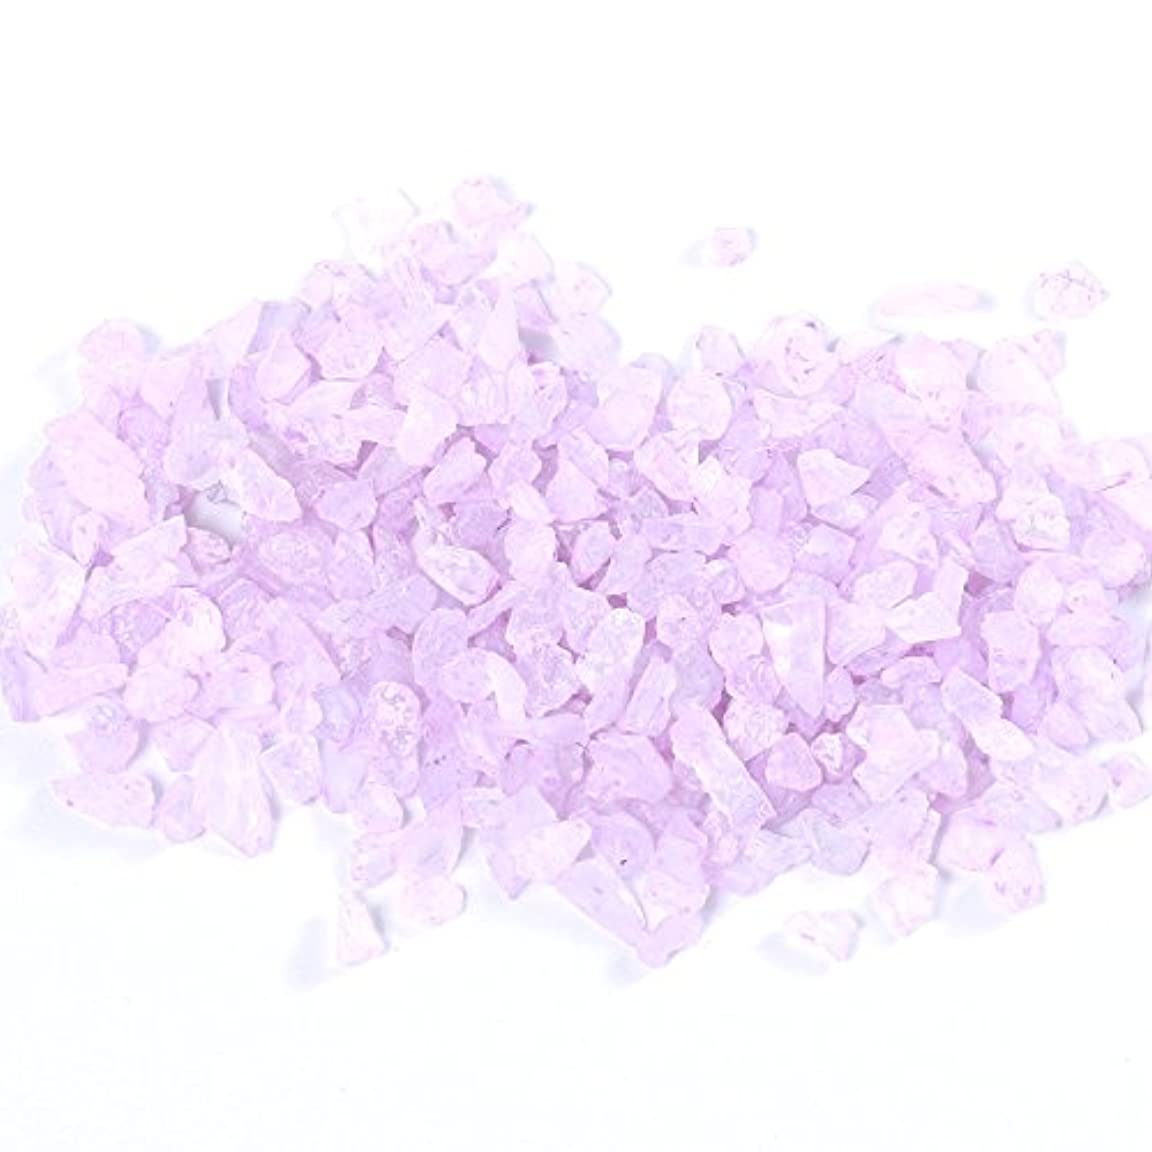 襟時間バンク夜光 パウダー 紫 パープル ホログラム 蓄光【ラインストーン77】